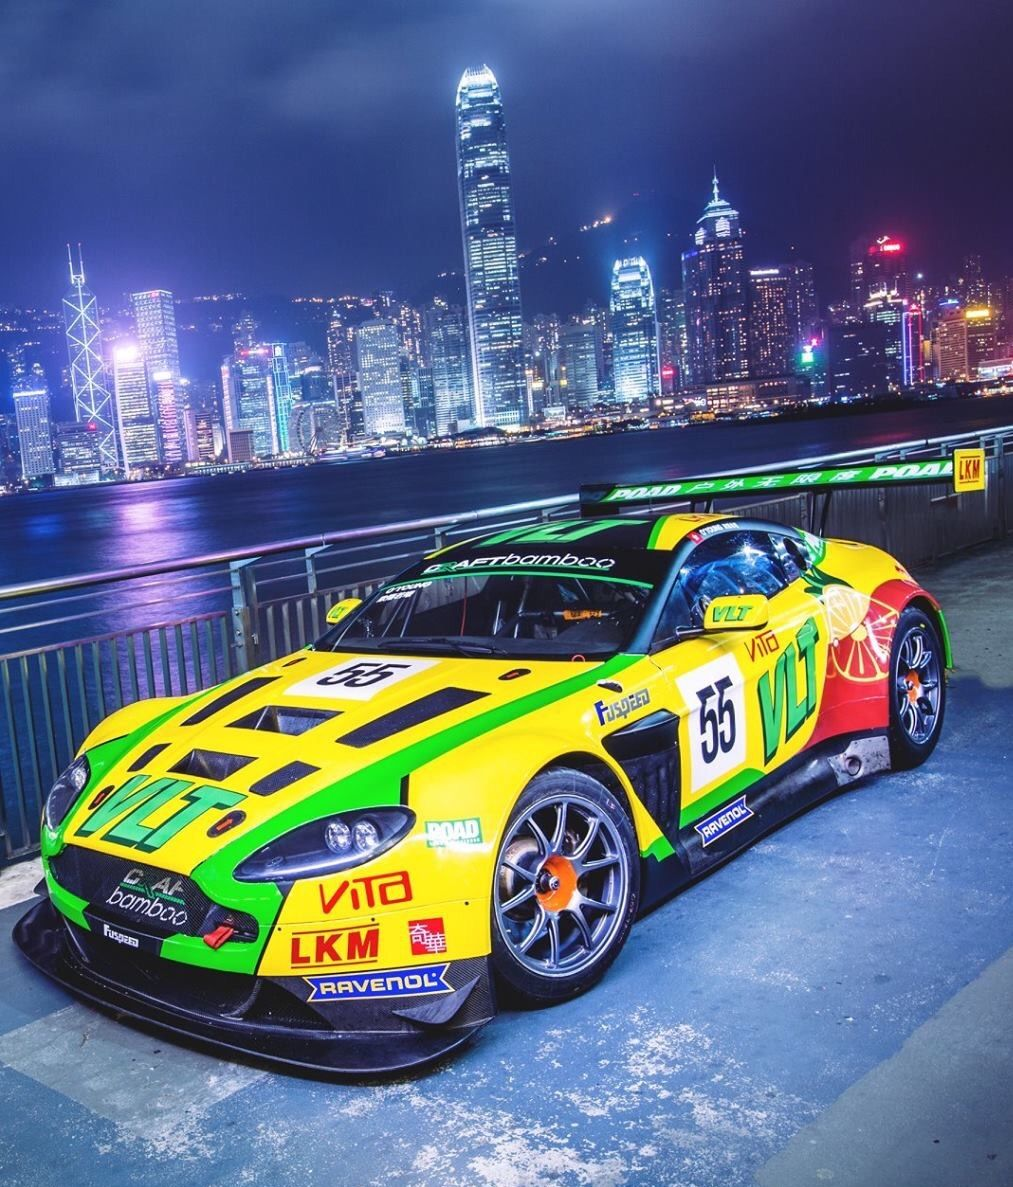 Aston Martin Race Car: Aston Martin, Aston Martin Dbr9, Racing